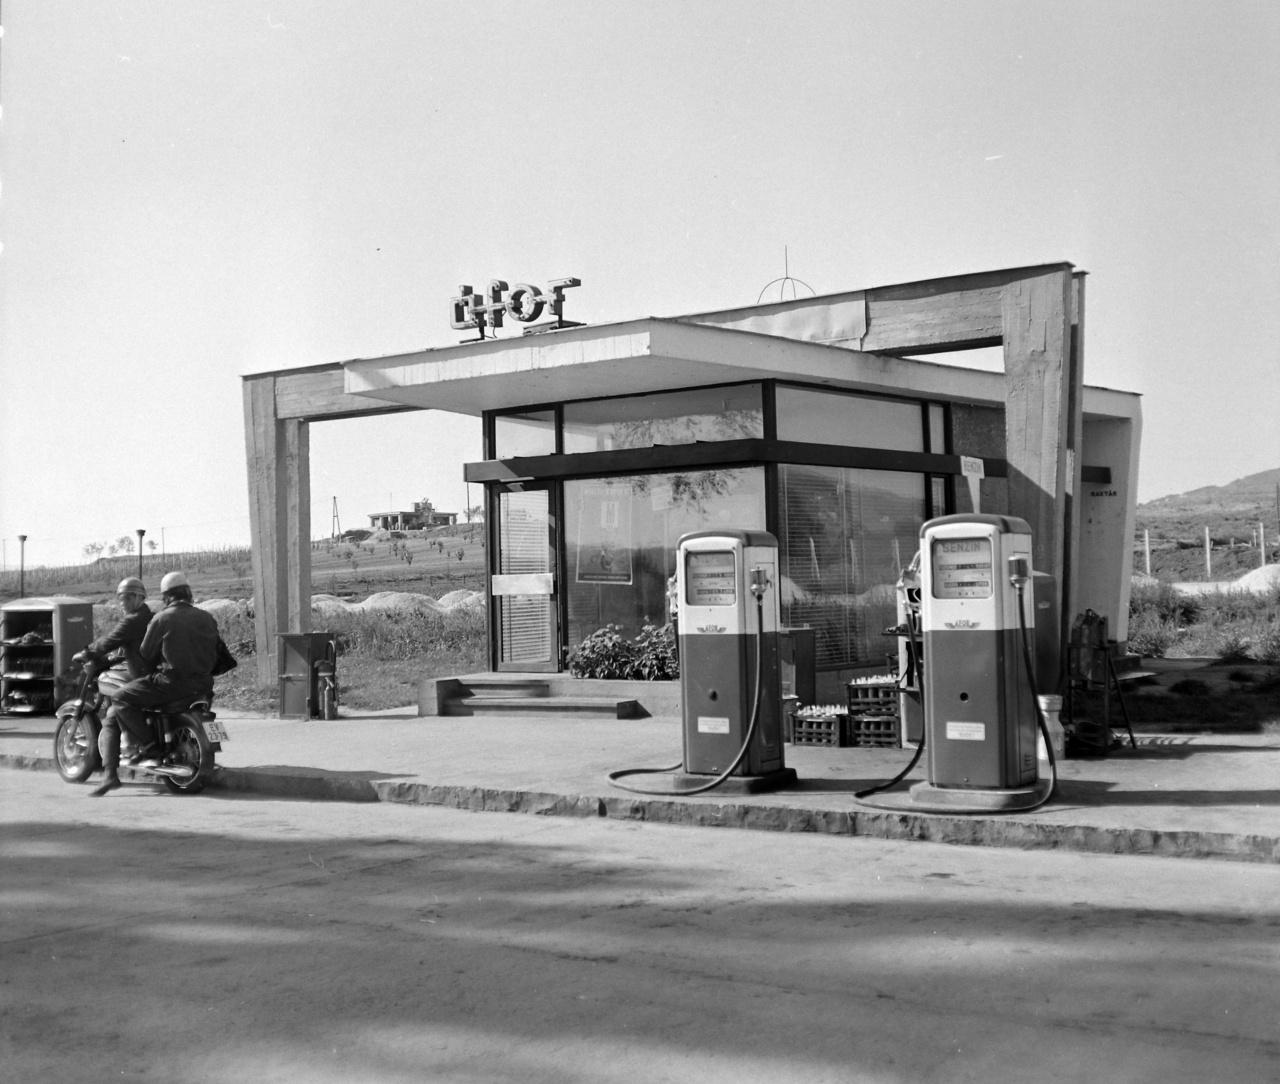 A Mol-előd Ásványolaj Forgalmi Vállalat emblémája 1957-ben jelent meg a kutakon. Az Áfor korszerűtlen töltőállomás-hálózatot örökölt, de az 1960-as évektől a kézi szivattyús benzinkutakat sorra váltották le a korszerű, komolyabb teljesítményű, elektromos szivattyúkkal felszerelt kútoszlopok. A mechanikus kijelzőn egyszerűen leolvasható volt a tankolt mennyiség, megjelentek a mai shopok elődjei, és külön szakember állította a guminyomást. A hetvenes évek közepén a 86-os normál benzin 3 Ft, a 92-es szuper 4 Ft, a 98-as extra pedig 5 Ft volt. A legtöbb gépkocsinak és szinte az összes motornak megfelelt a 86-os.